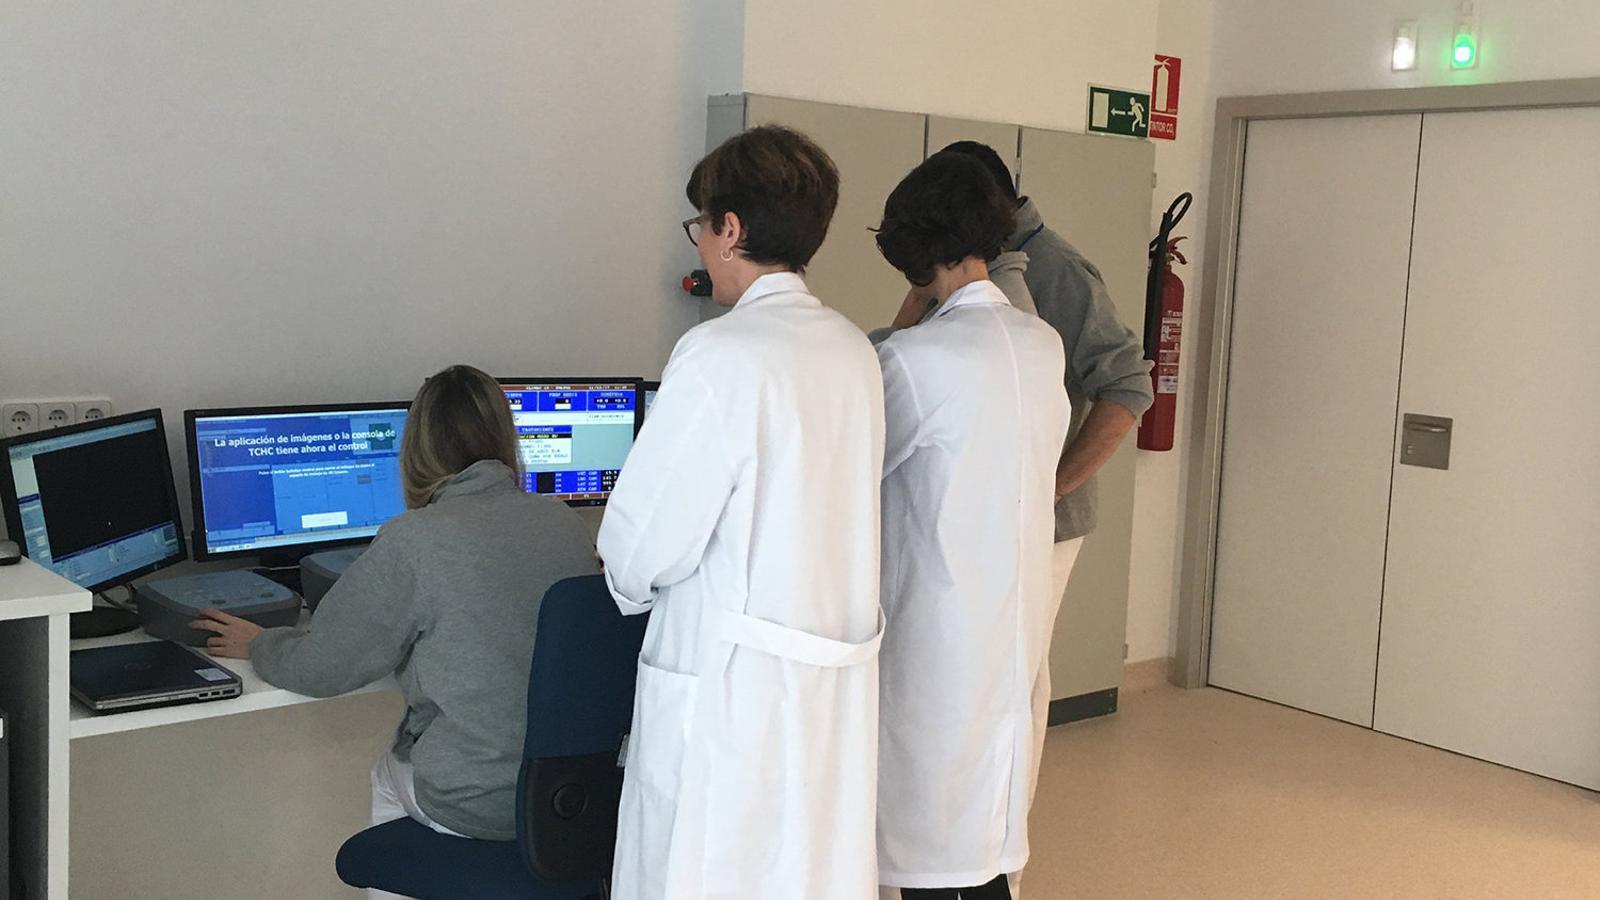 SERVEI L'entrada en funcionament de la radioteràpia a Menorca deixa garanties.